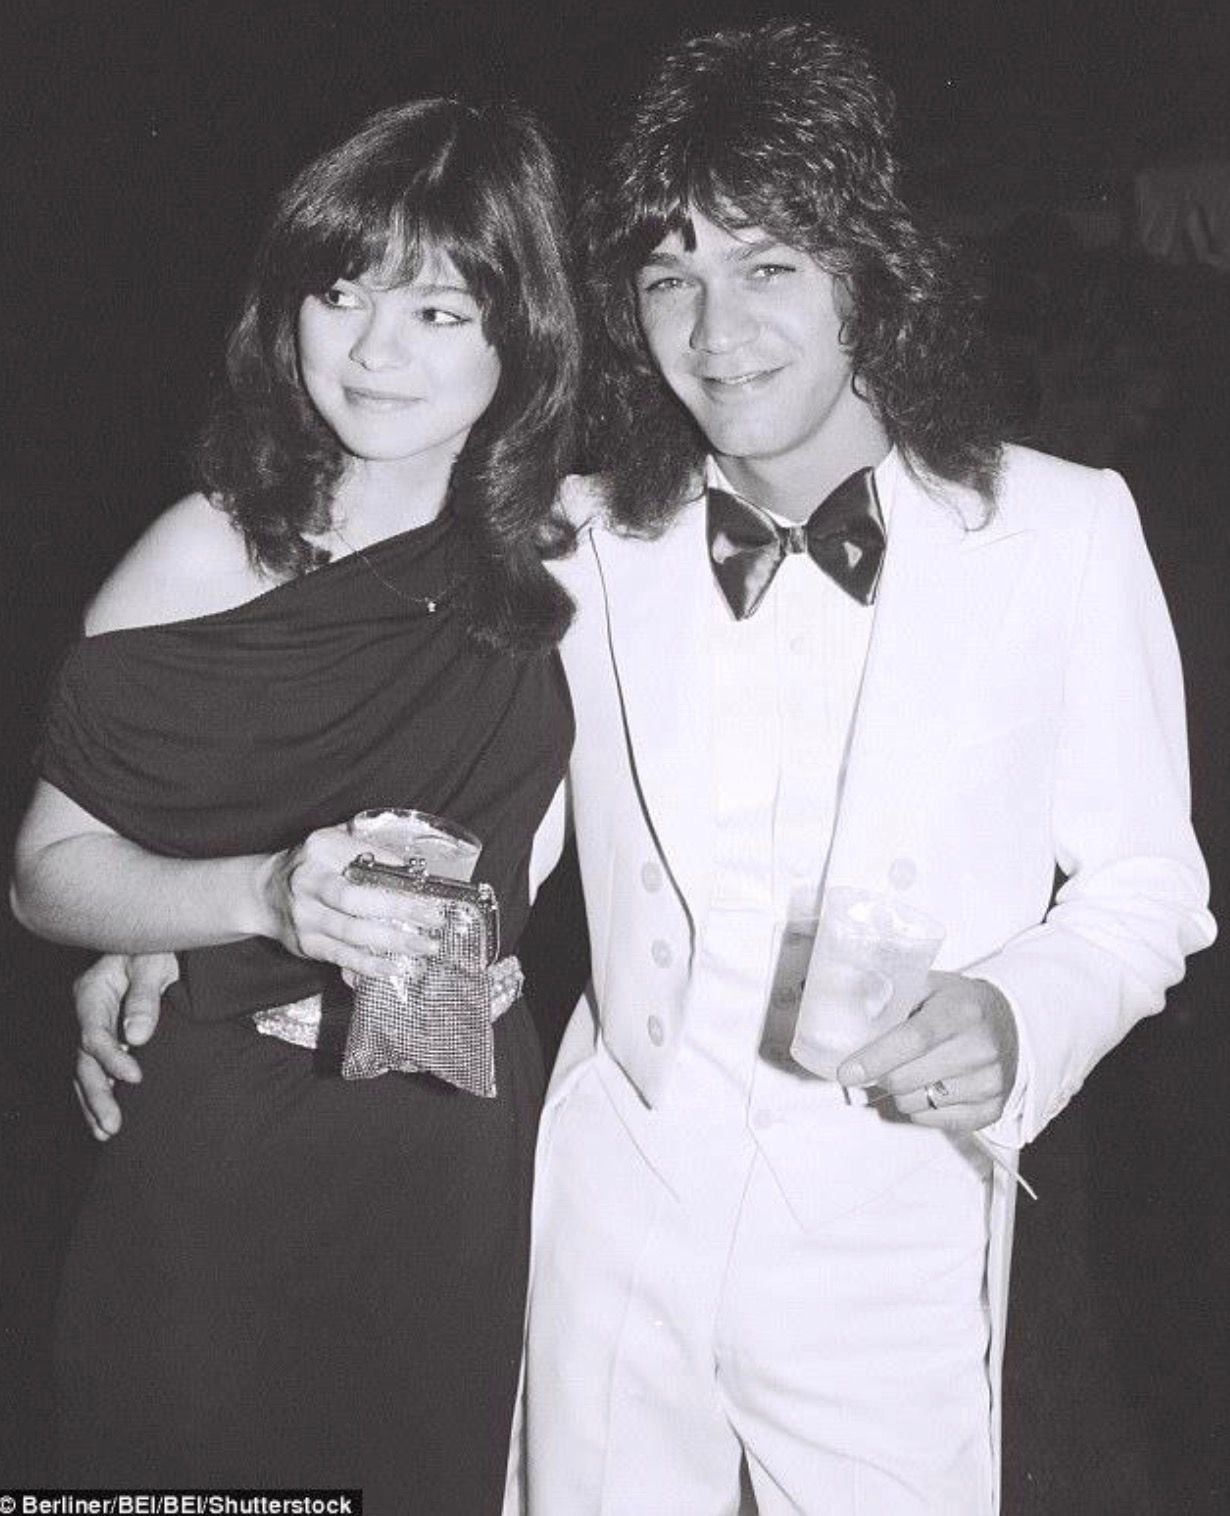 Valerie Bertinelli And Eddie Van Halen 1981 Van Halen Valerie Bertinelli Eddie Van Halen